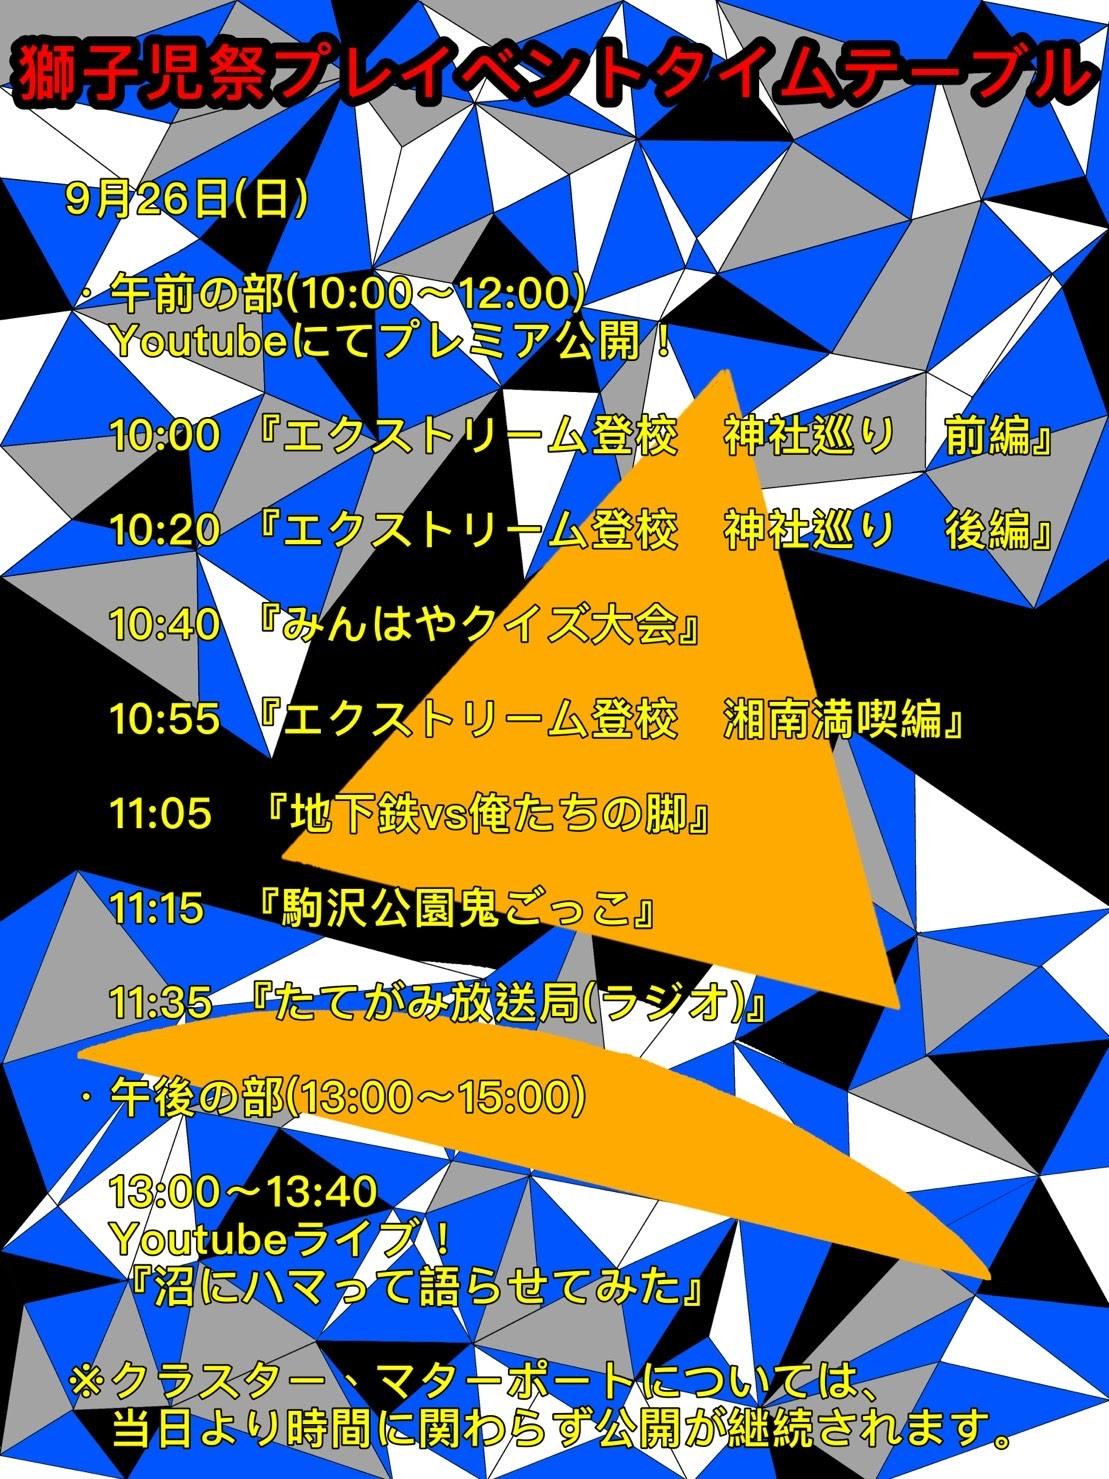 96AD2FBD-24A2-4891-81D3-6BE11D16033B